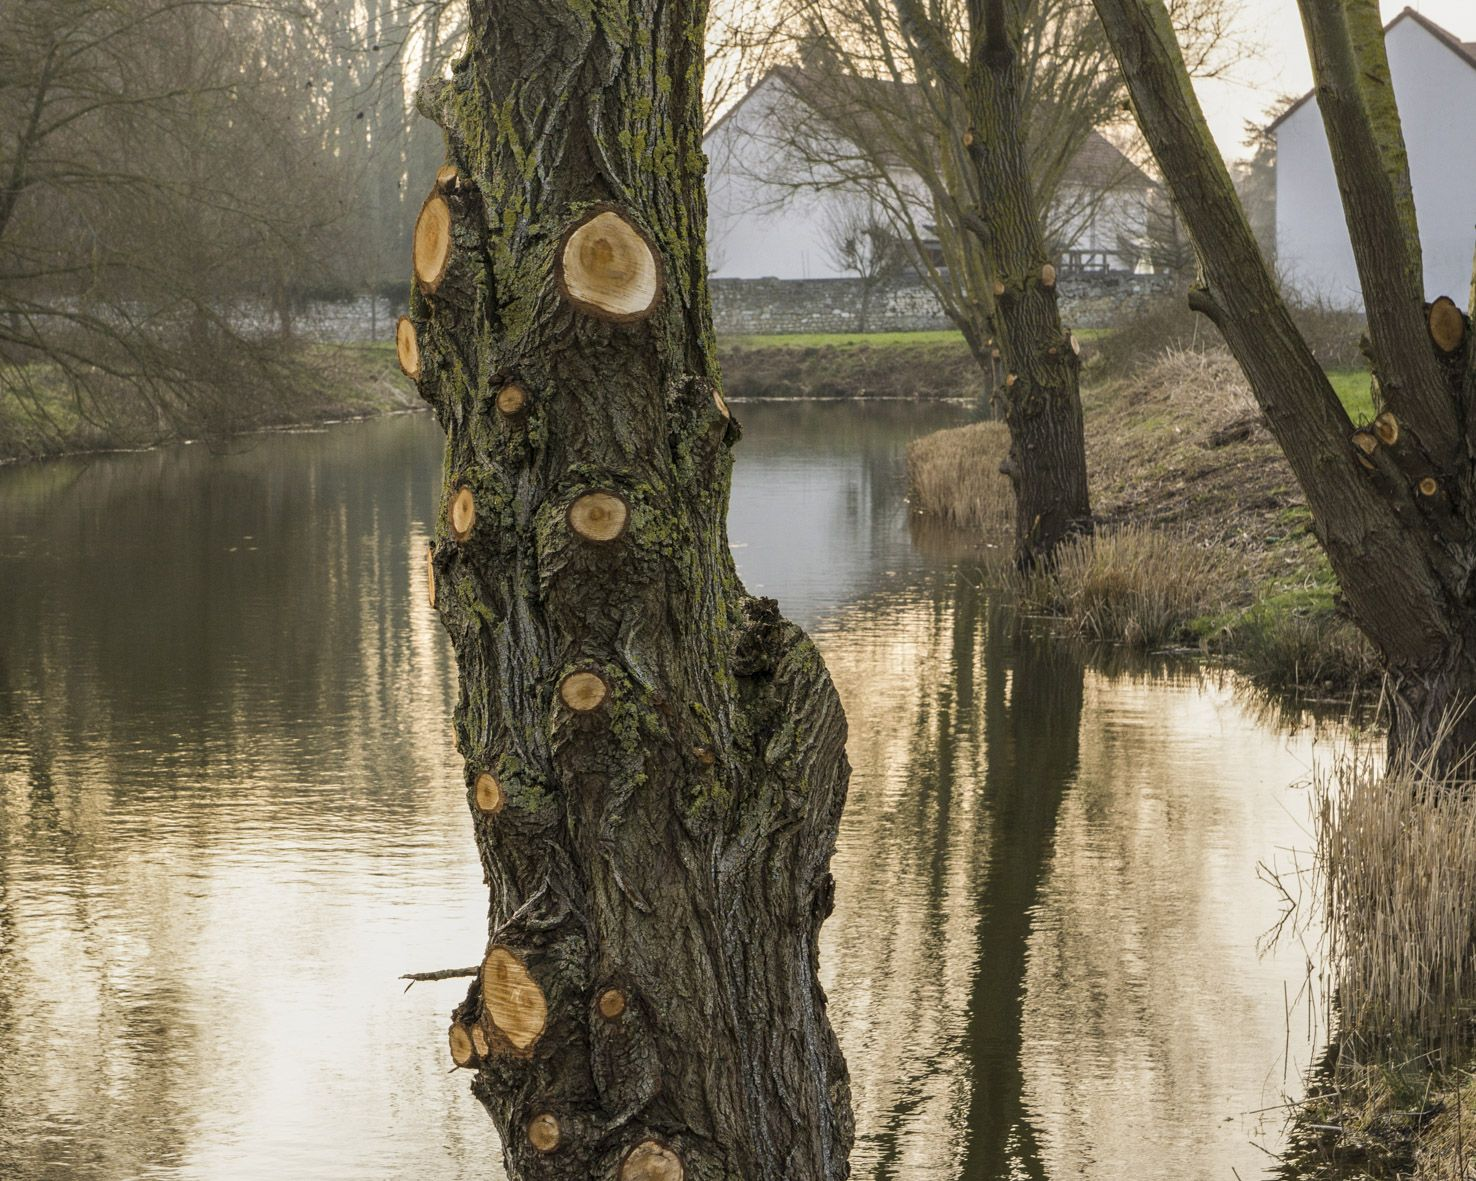 m.dearing-la-01-l-arbre-devant-l-etang-33343bf0ee8a8f0a04723bdfe24c5f68